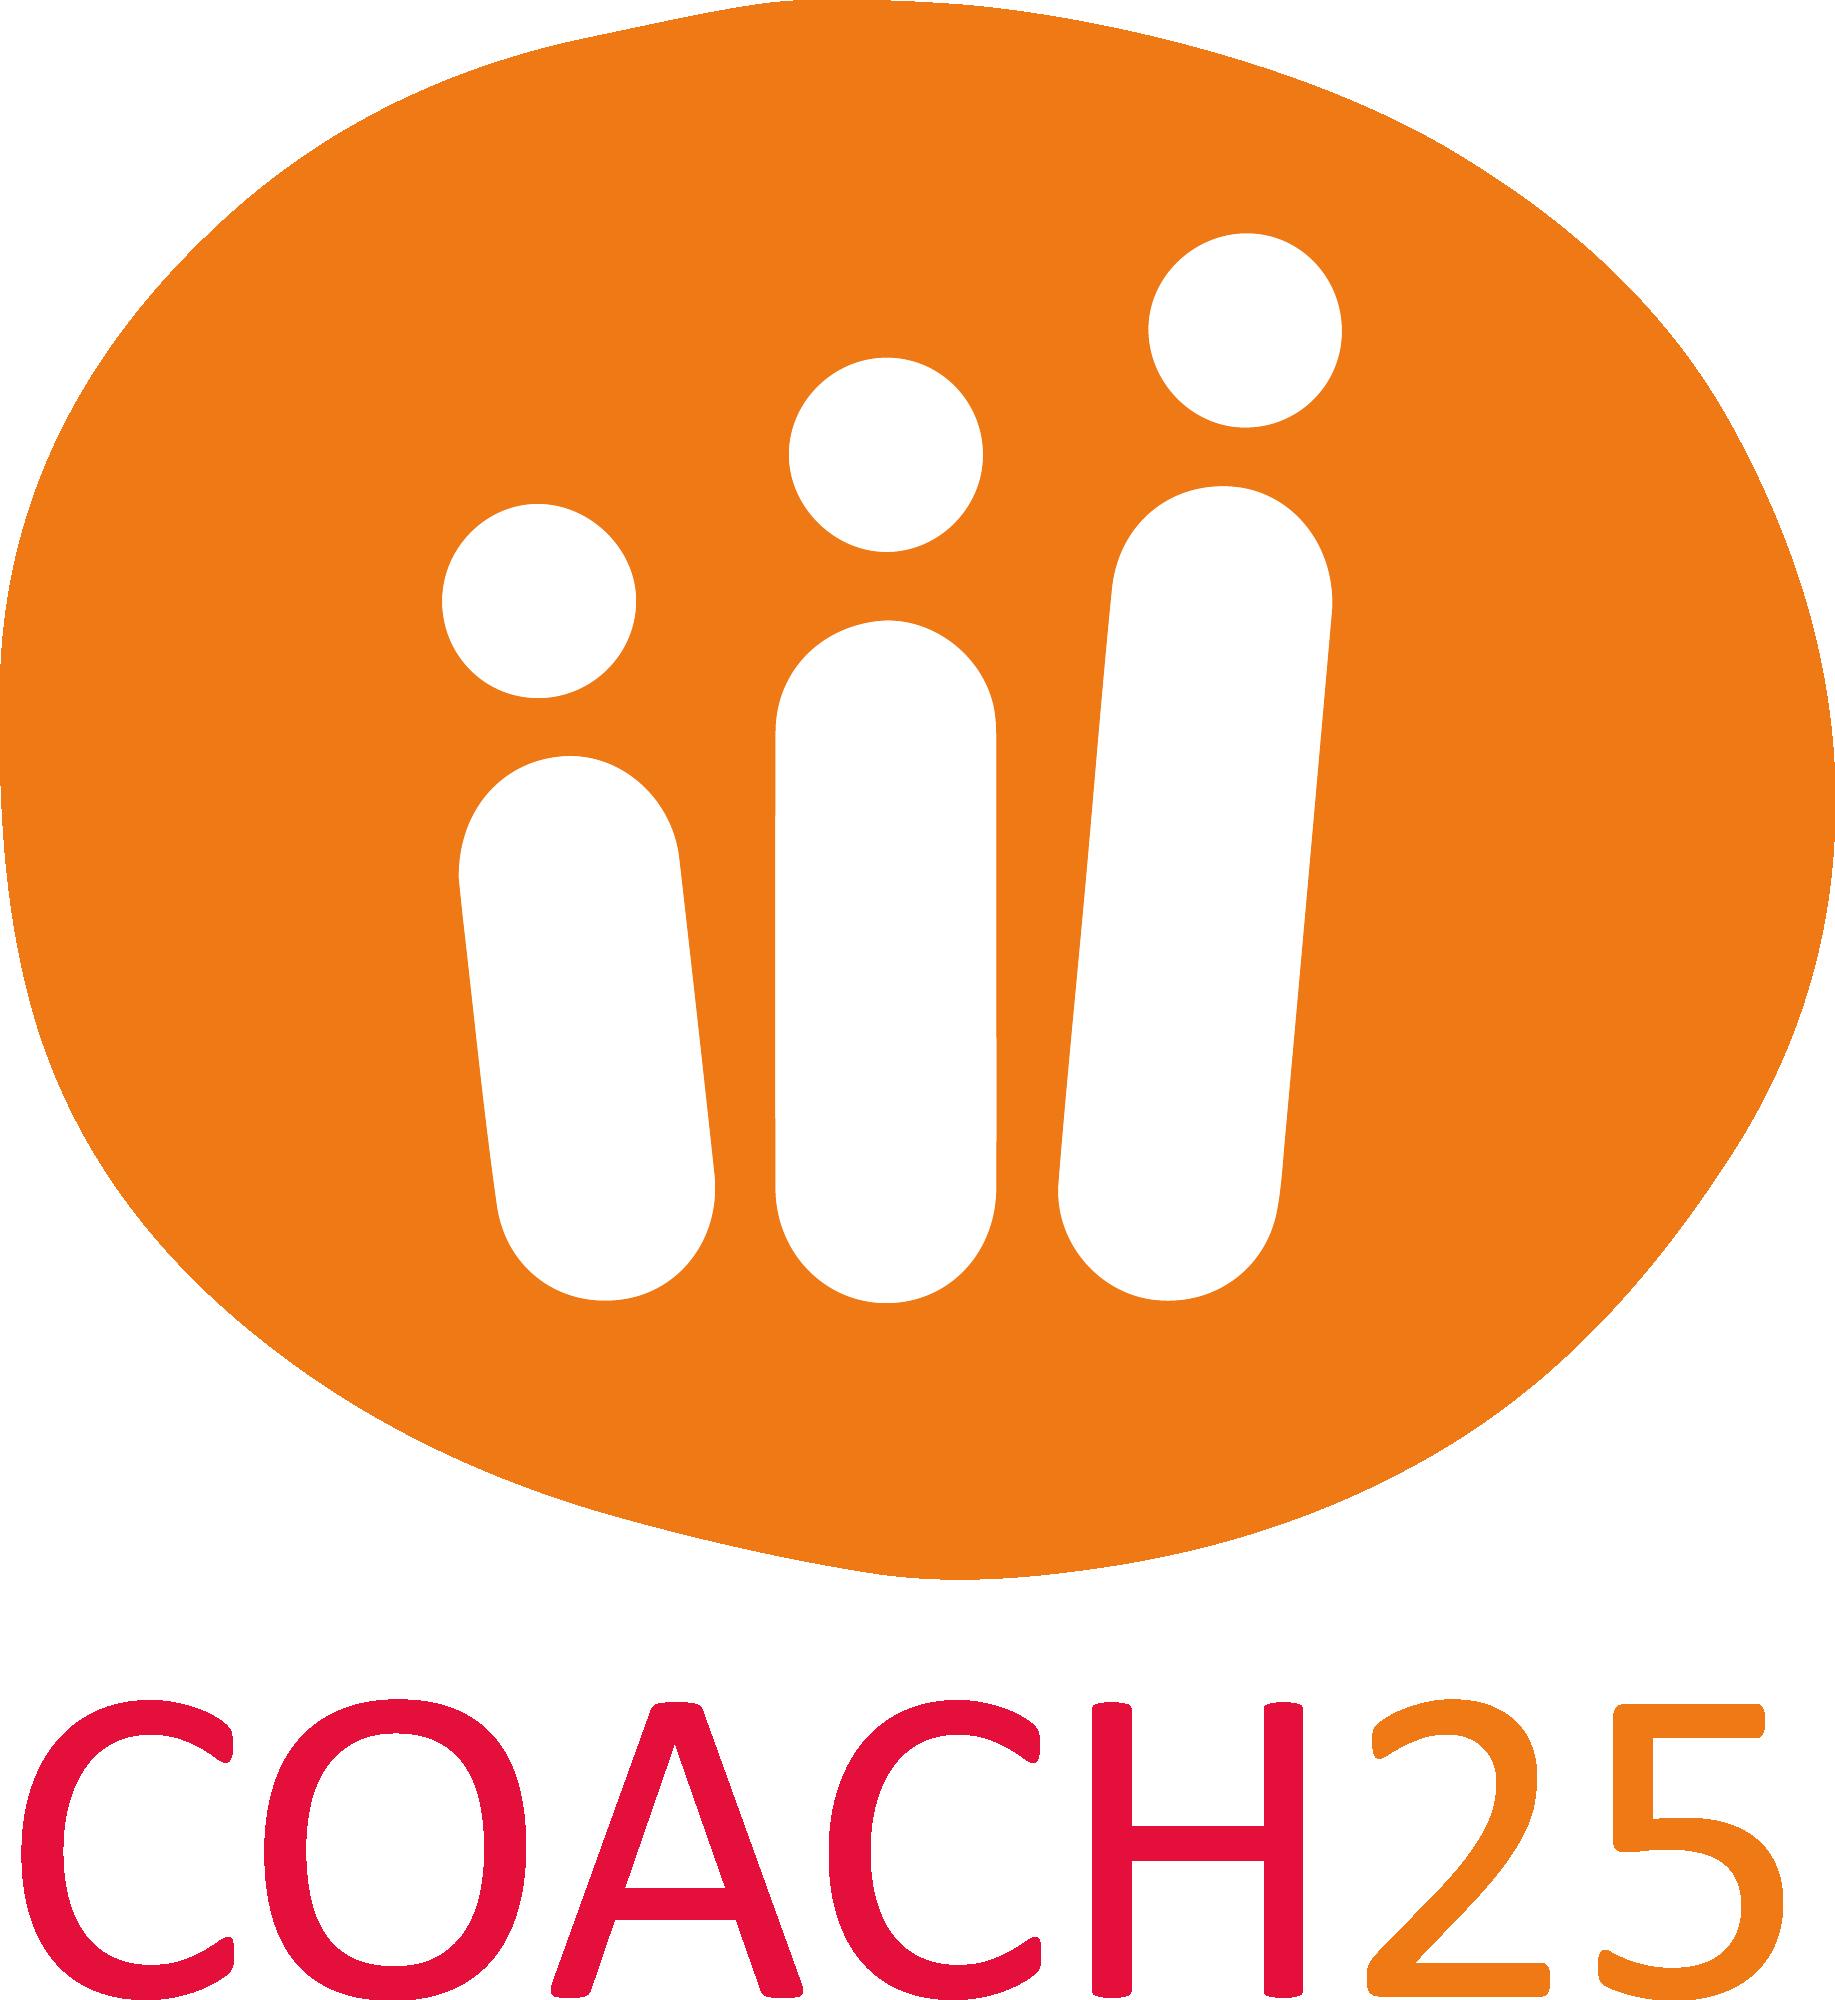 Coach25_logo